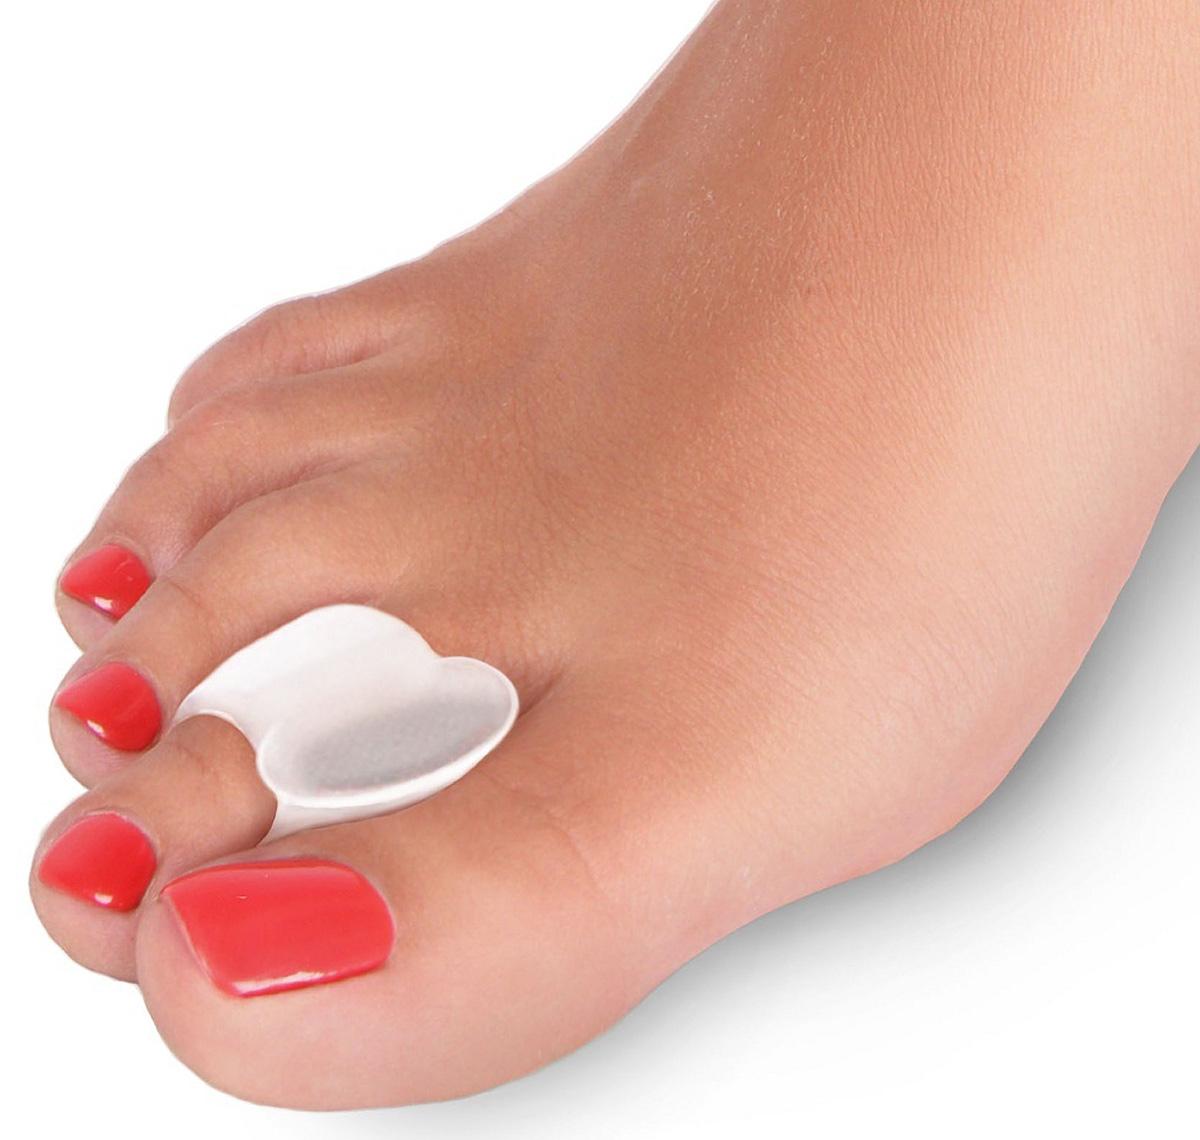 Luomma Силиконовая межпальцевая перегородка с фиксирующим кольцом Lum802. Размер 2Lum802 р-р 2Р-р 1:размер ноги 36-38 р-р2:38-40 р-р3:40-42 состав: 100% медицинский силикон. Разделяет пальцы стопы, защитное кольцо надежно фиксирует изделие в правильном положении, предотвращает трение, мозоли, потертости. В упаковке 2 шт